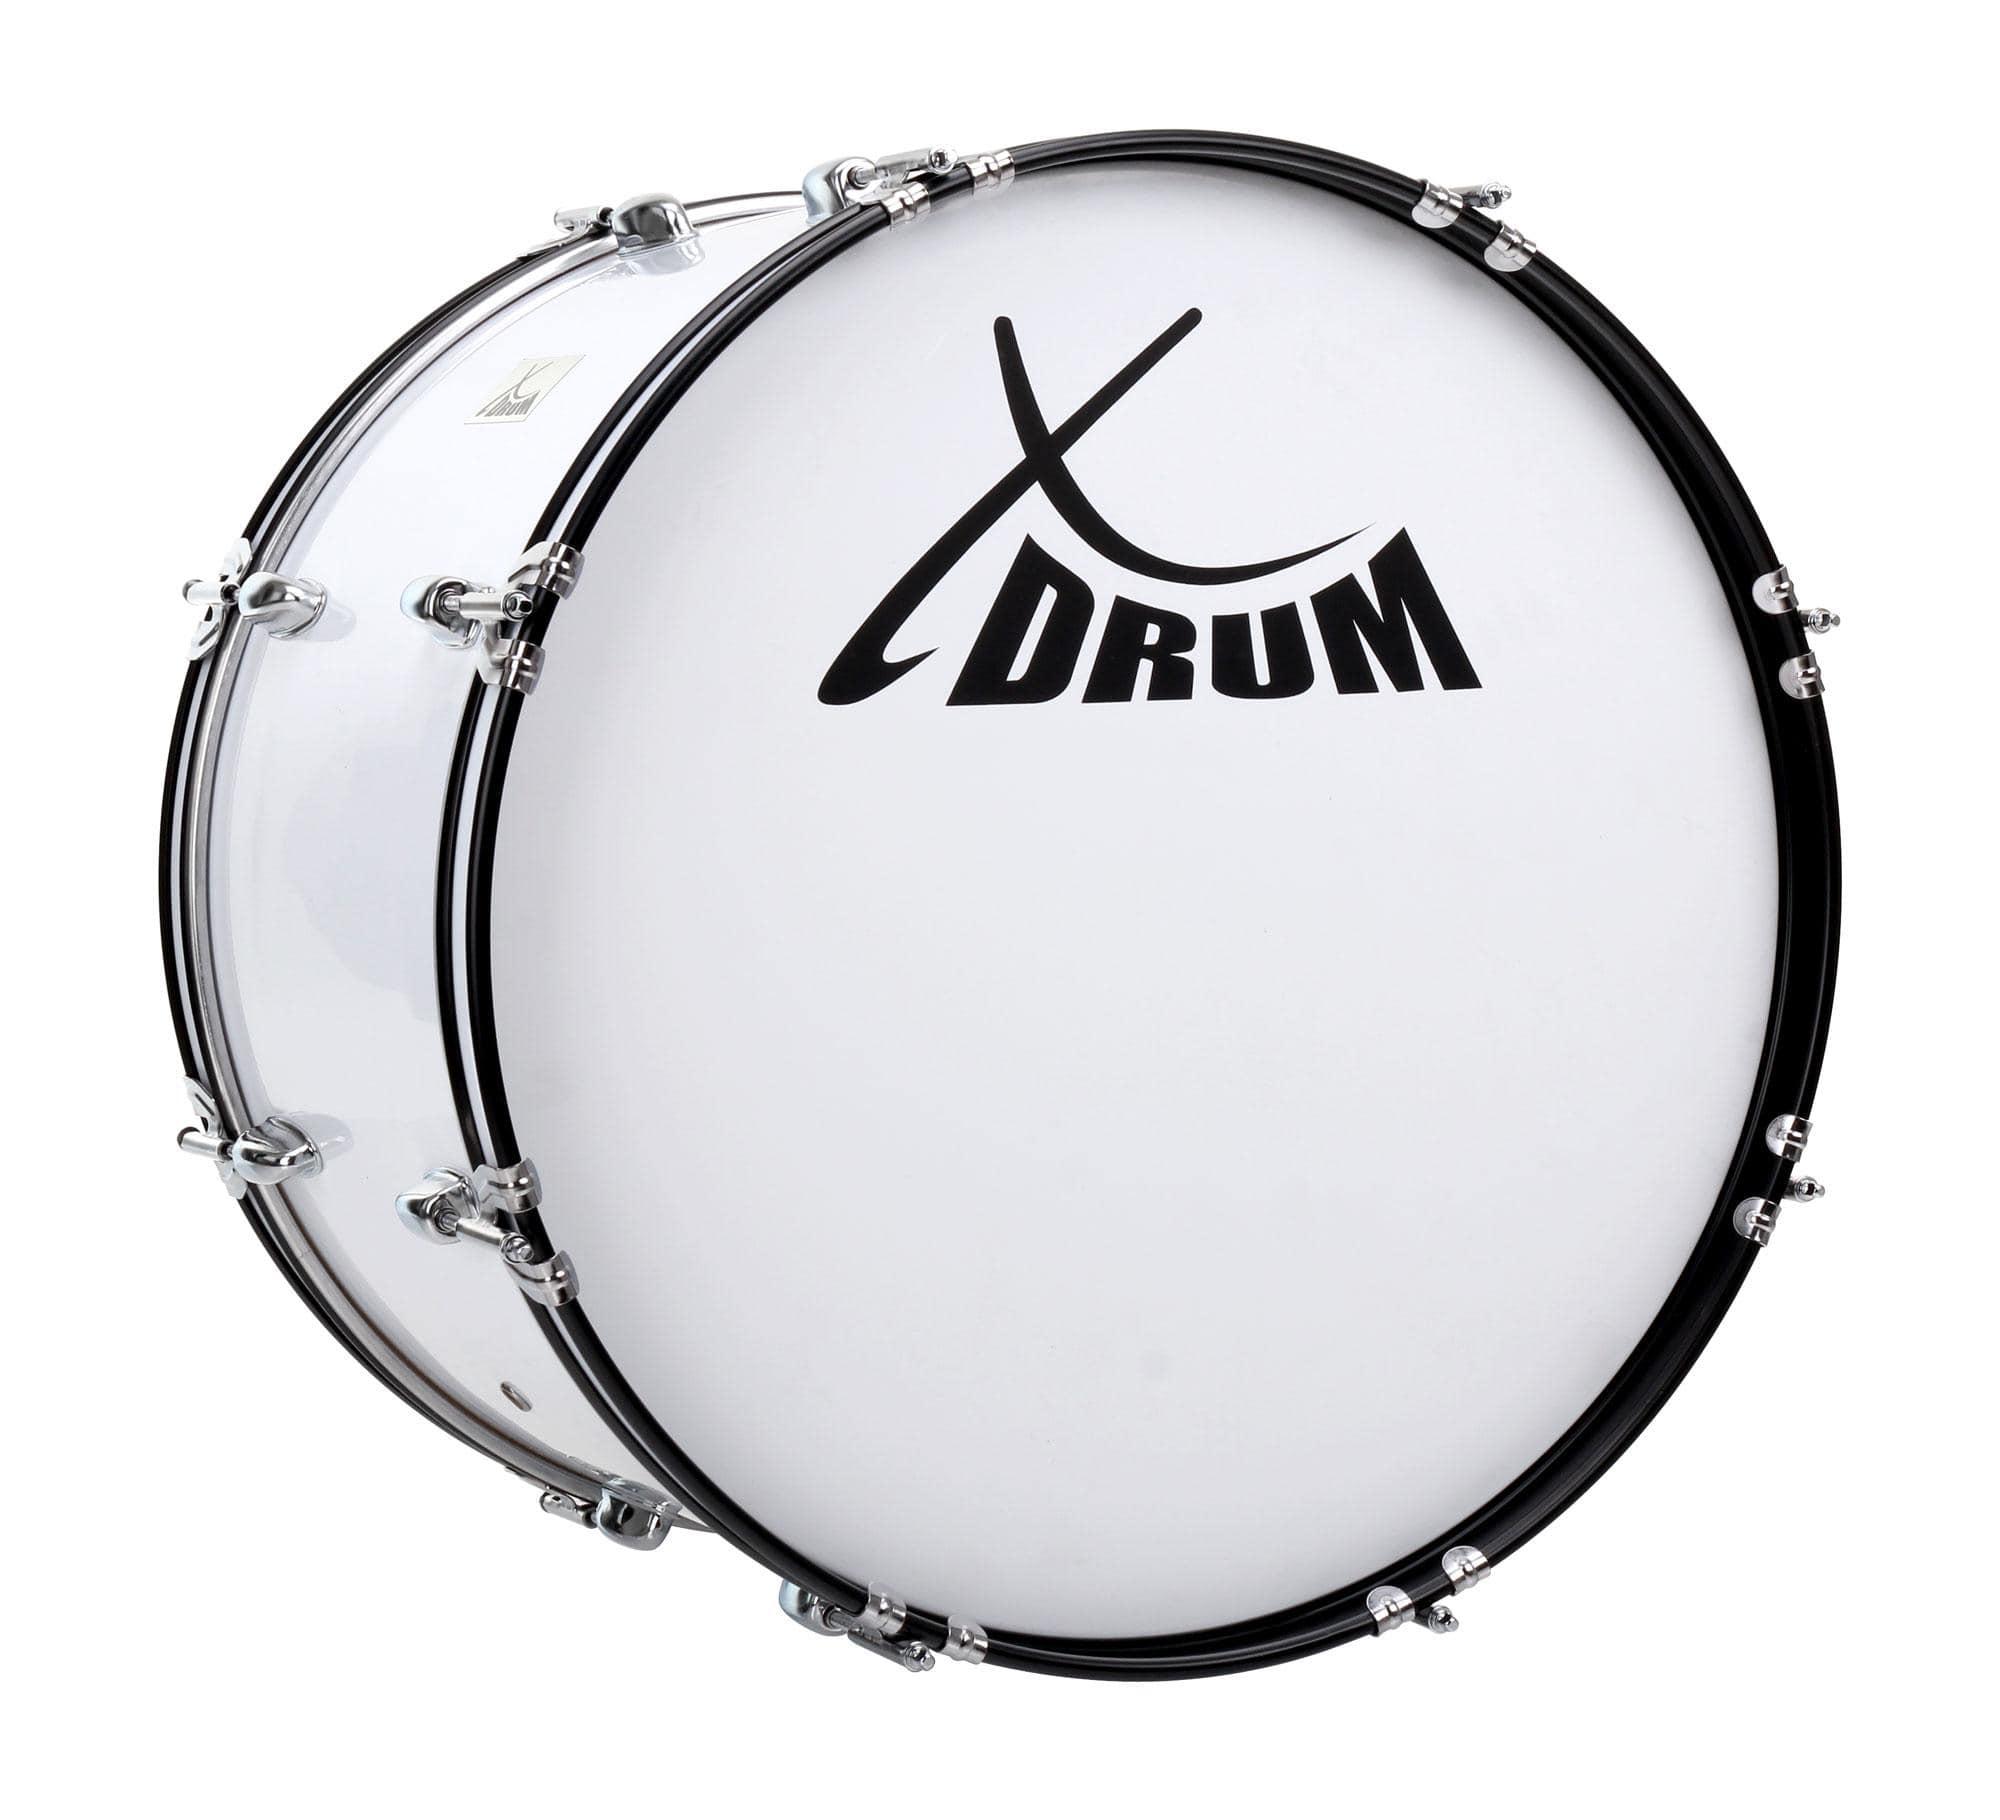 Marching - XDrum MBD 222 Marschtrommel 22 x 12 - Onlineshop Musikhaus Kirstein